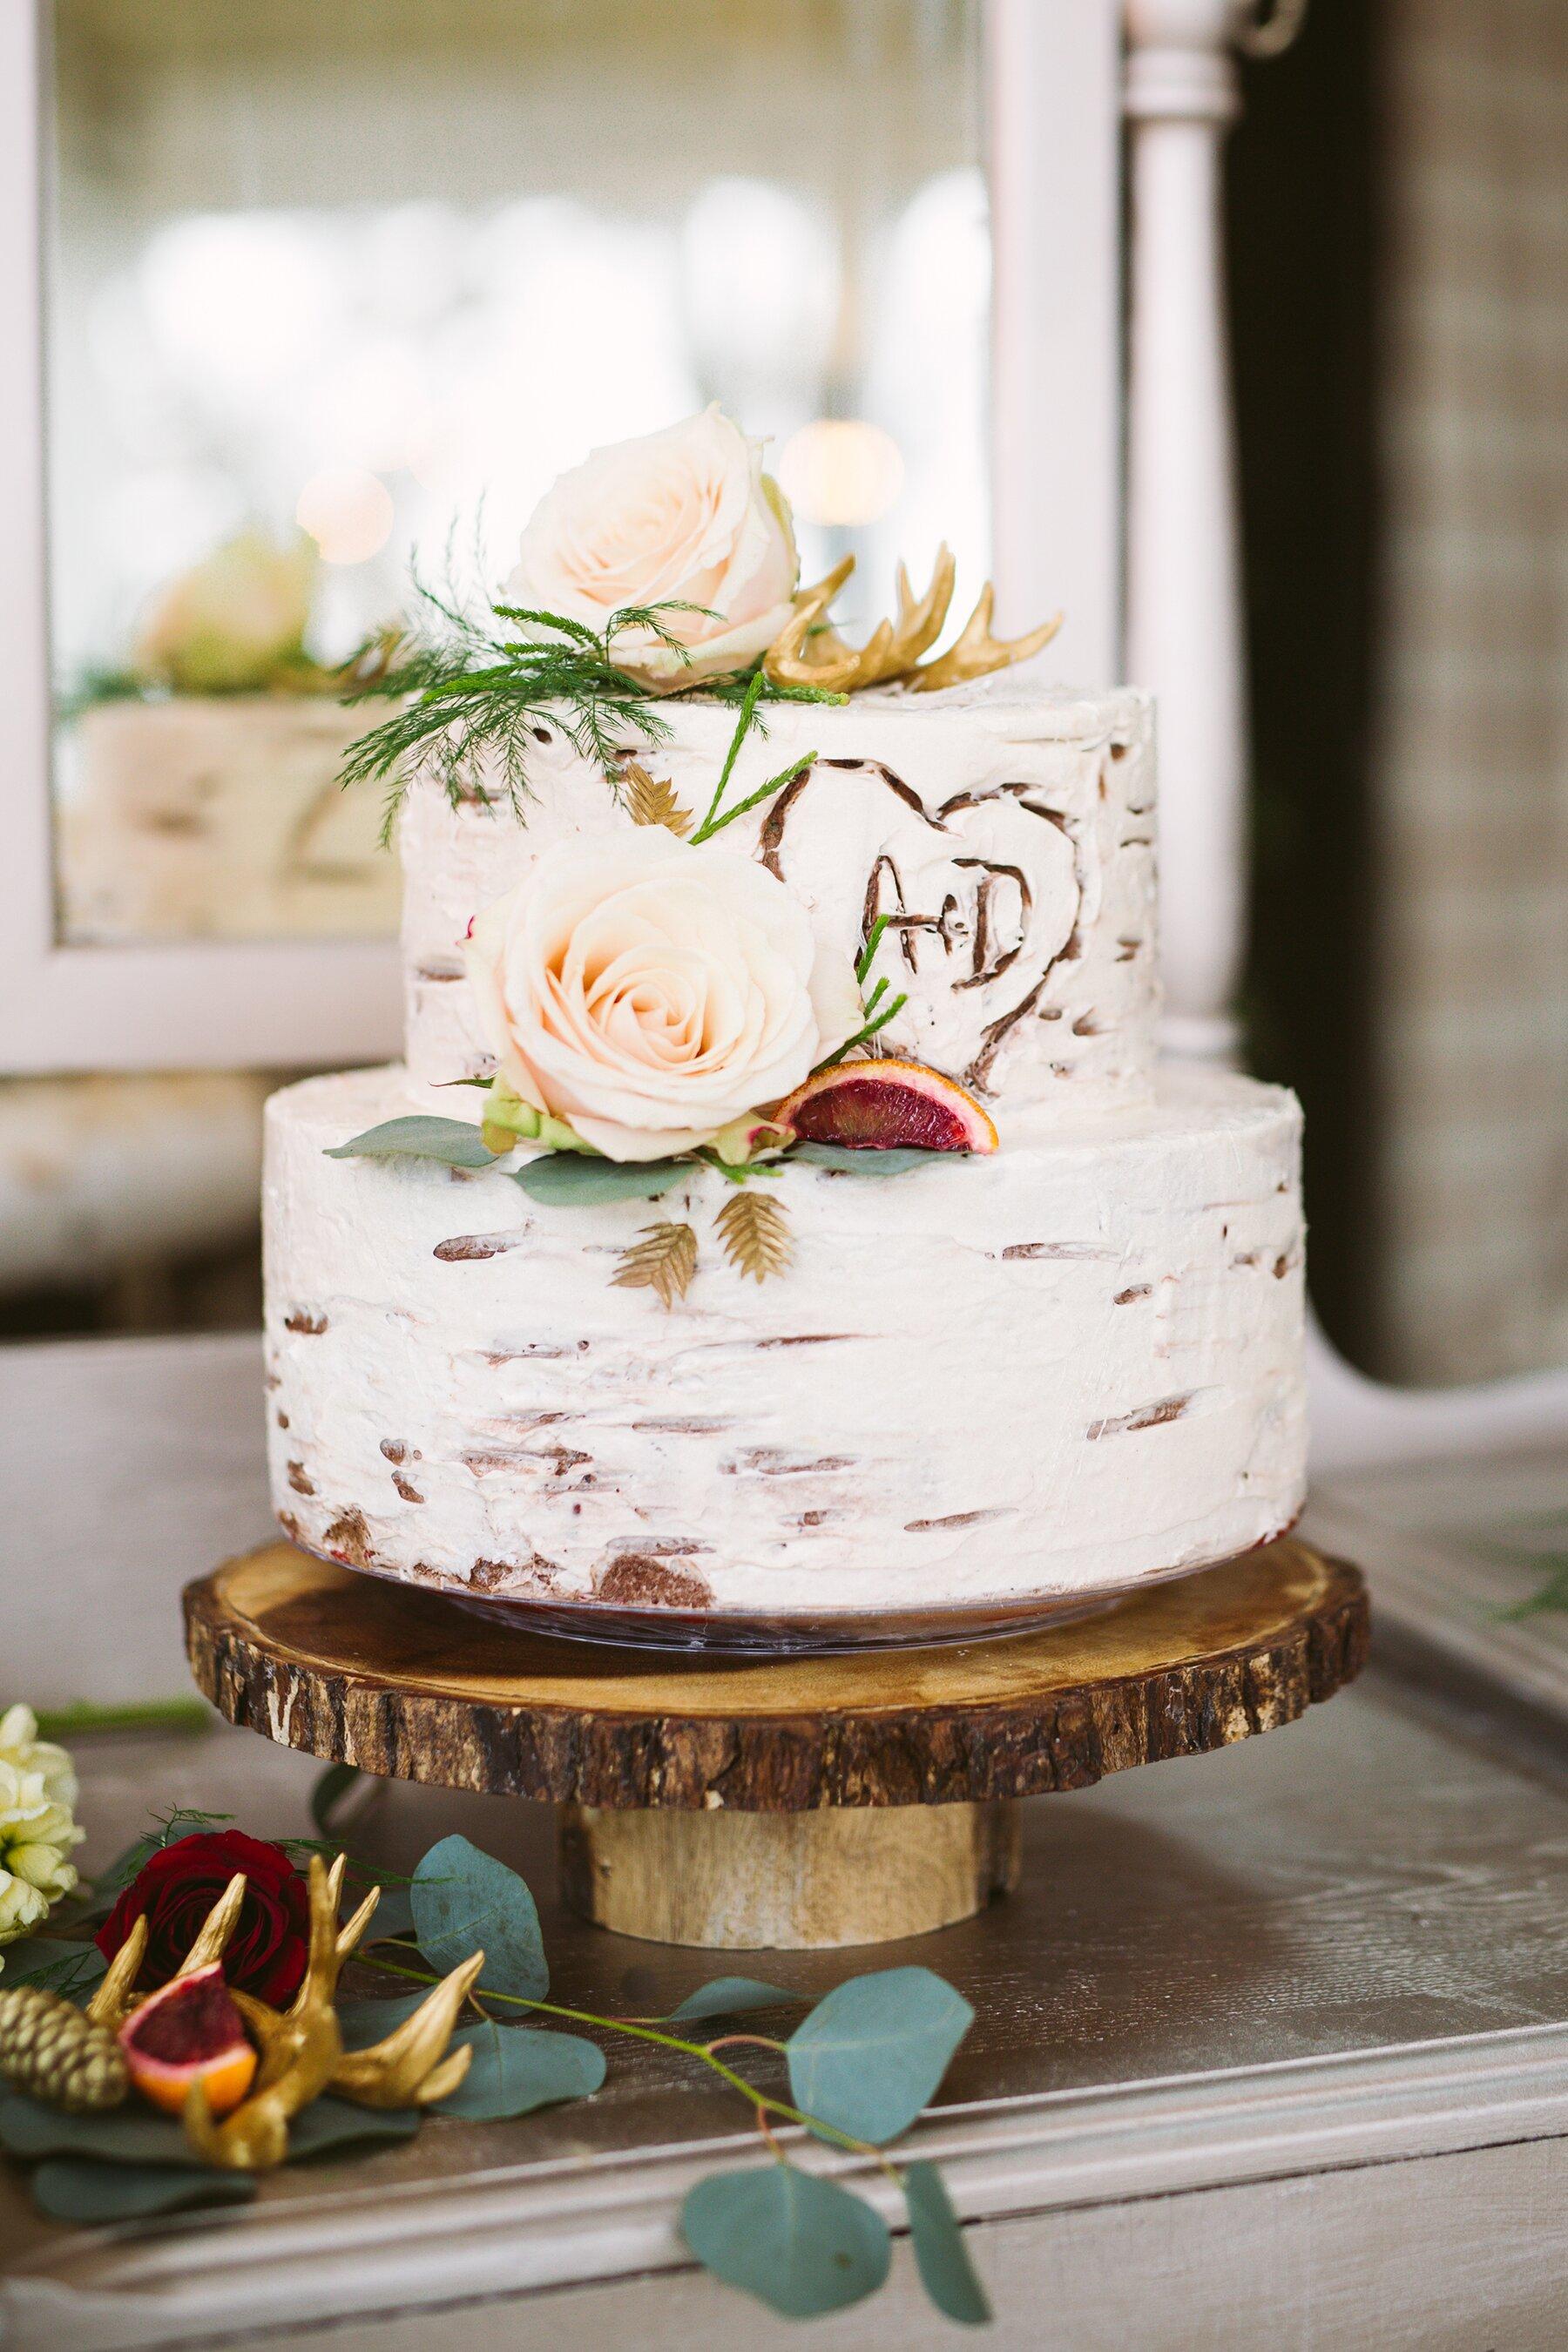 Sensational 52 Small Wedding Cakes With A Big Presence Martha Stewart Weddings Funny Birthday Cards Online Eattedamsfinfo